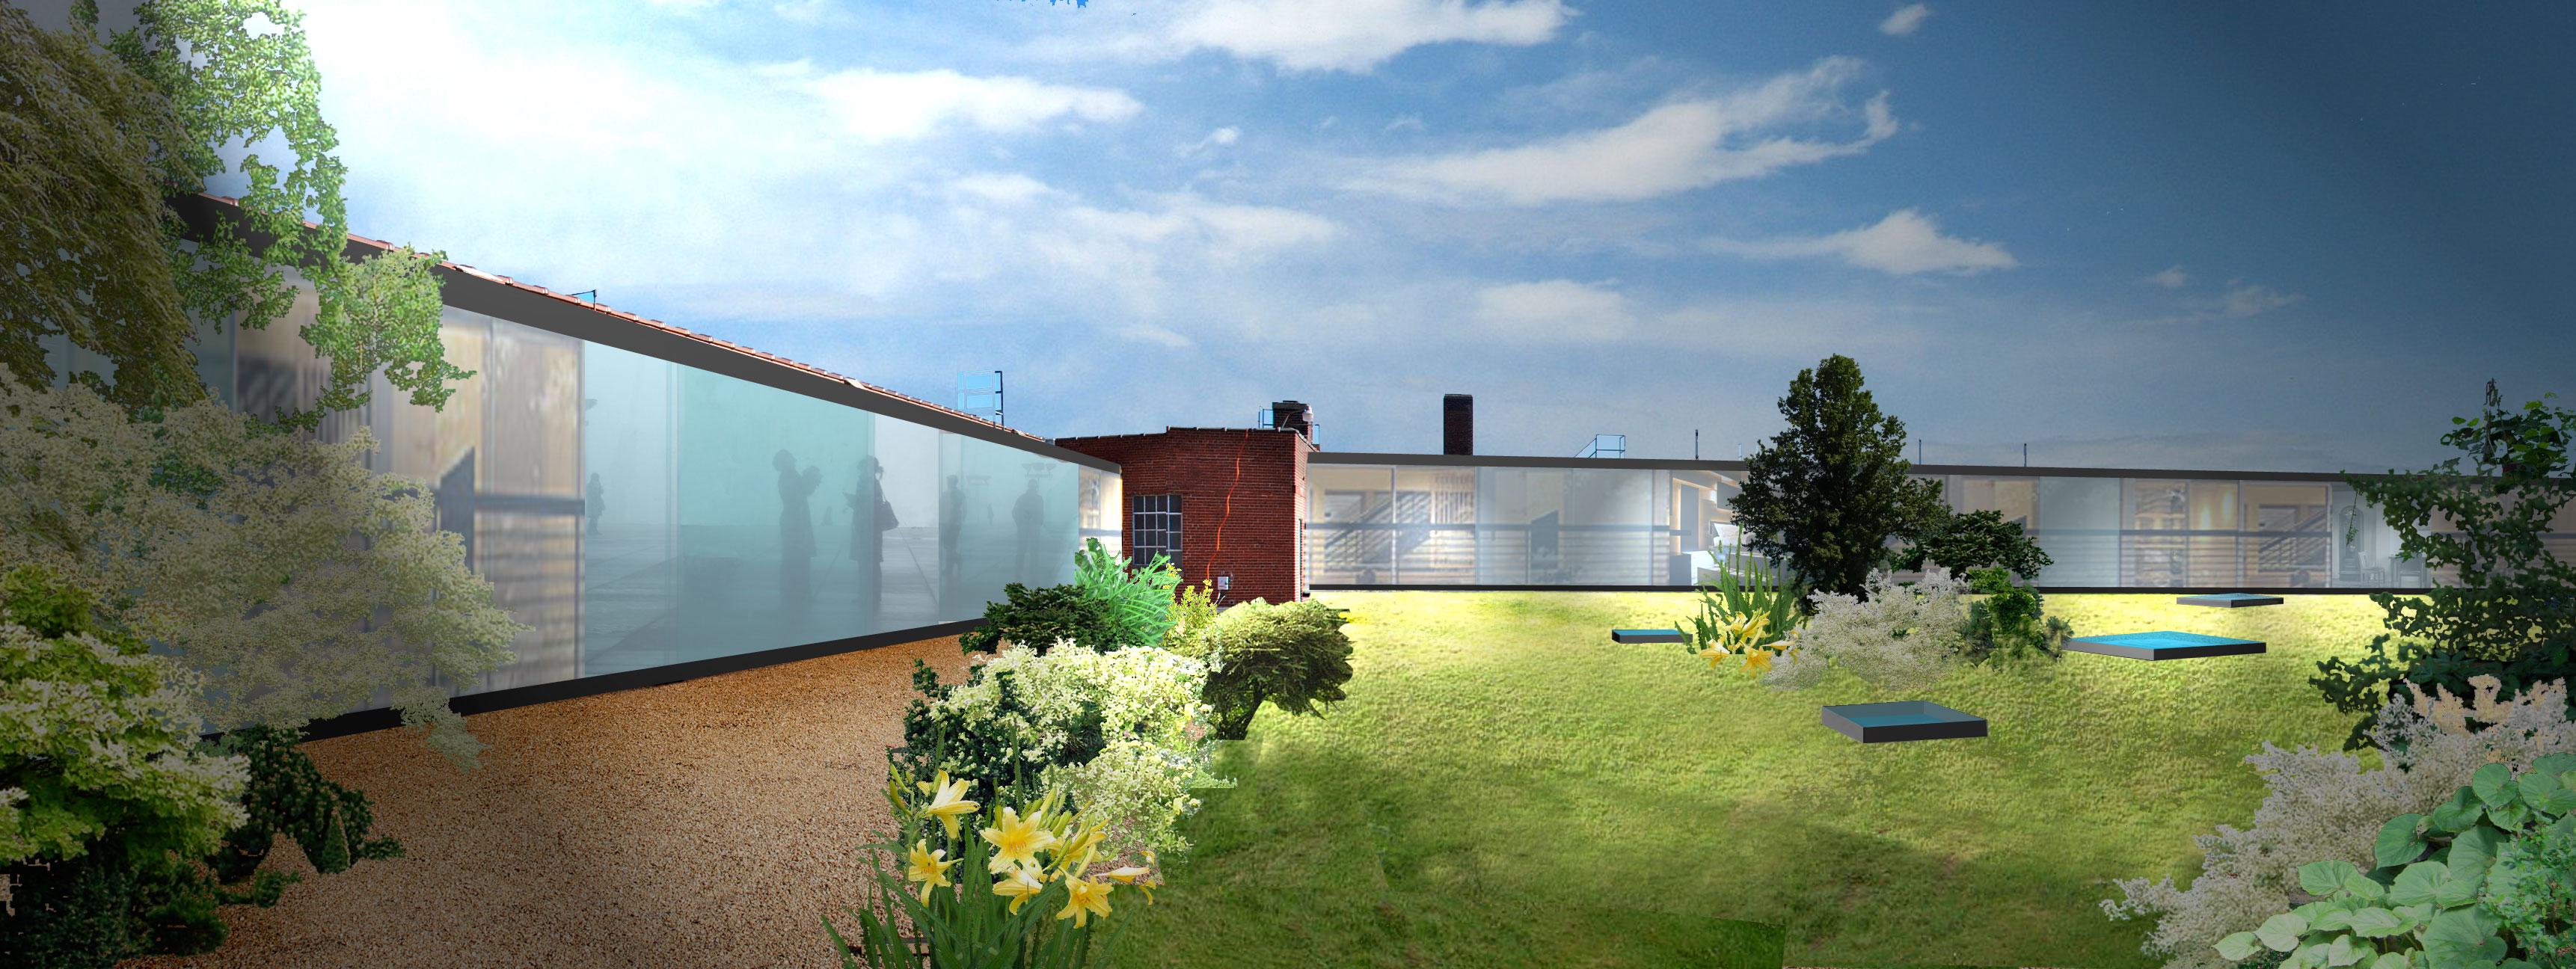 3031 Roof Garden